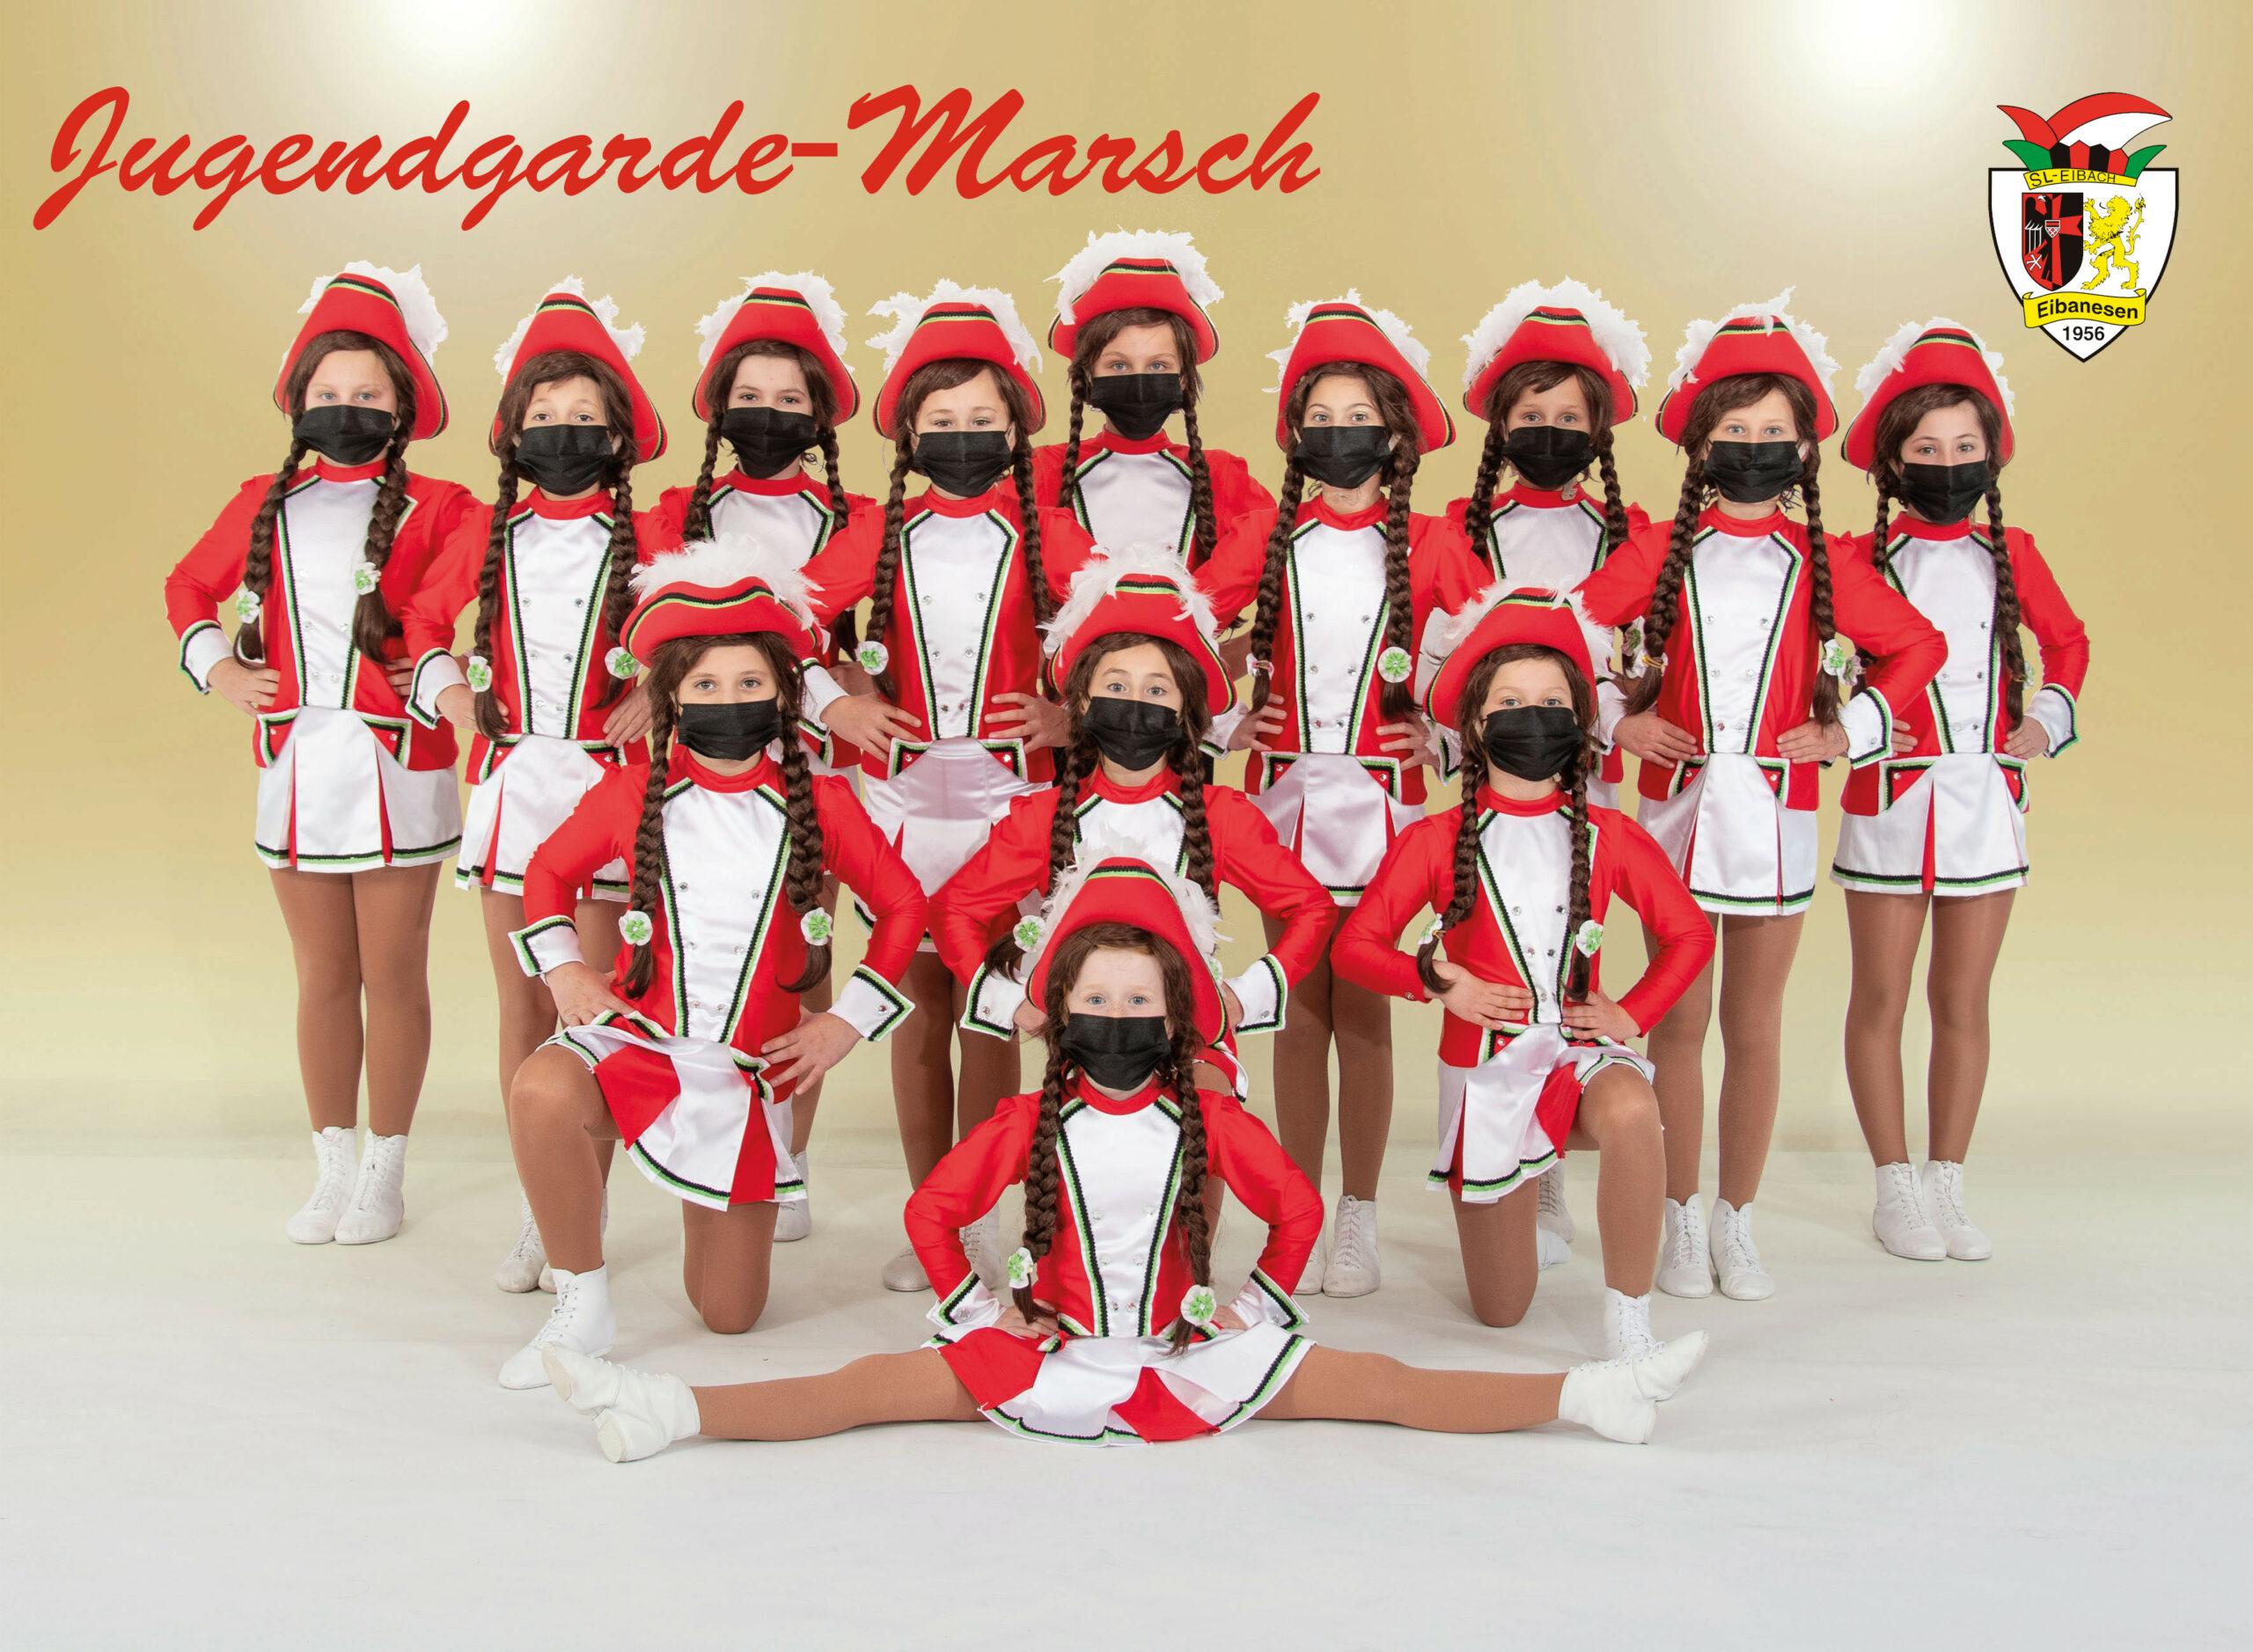 Jugendgarde-Marsch